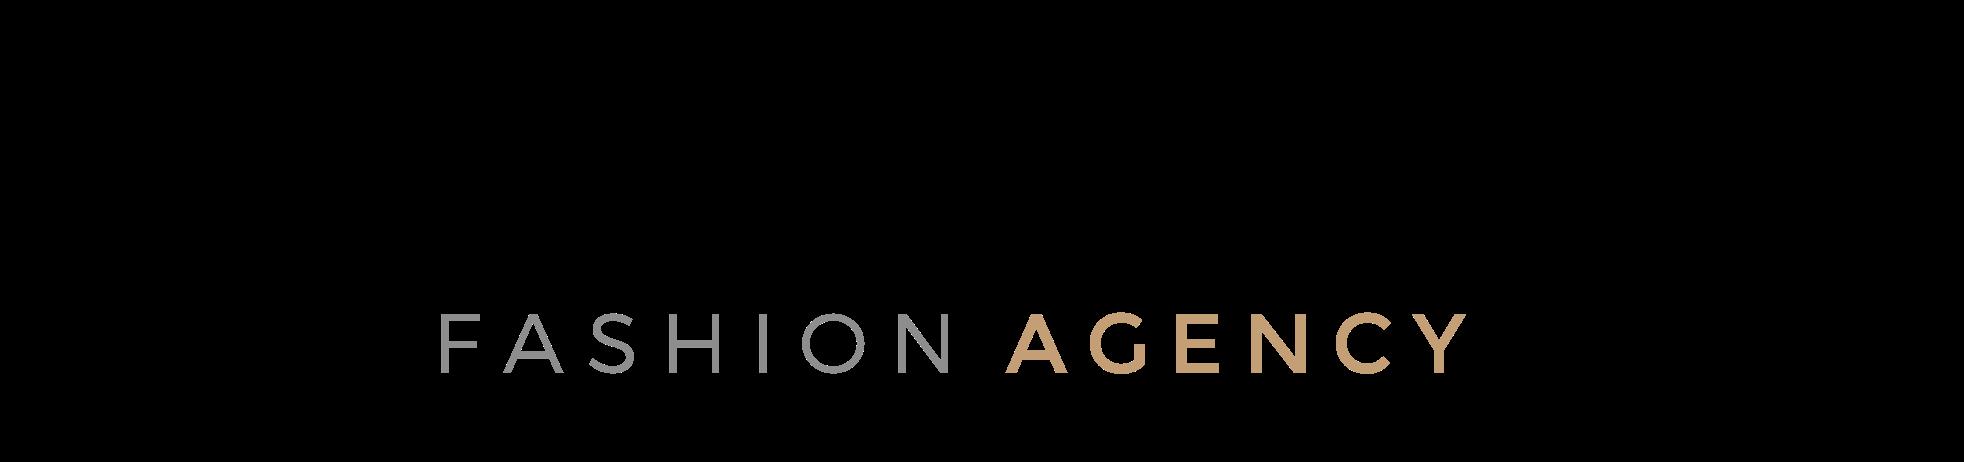 LouGuéry Agency (BeautyFilm, Défilé de mode, Conseil, luxe…).